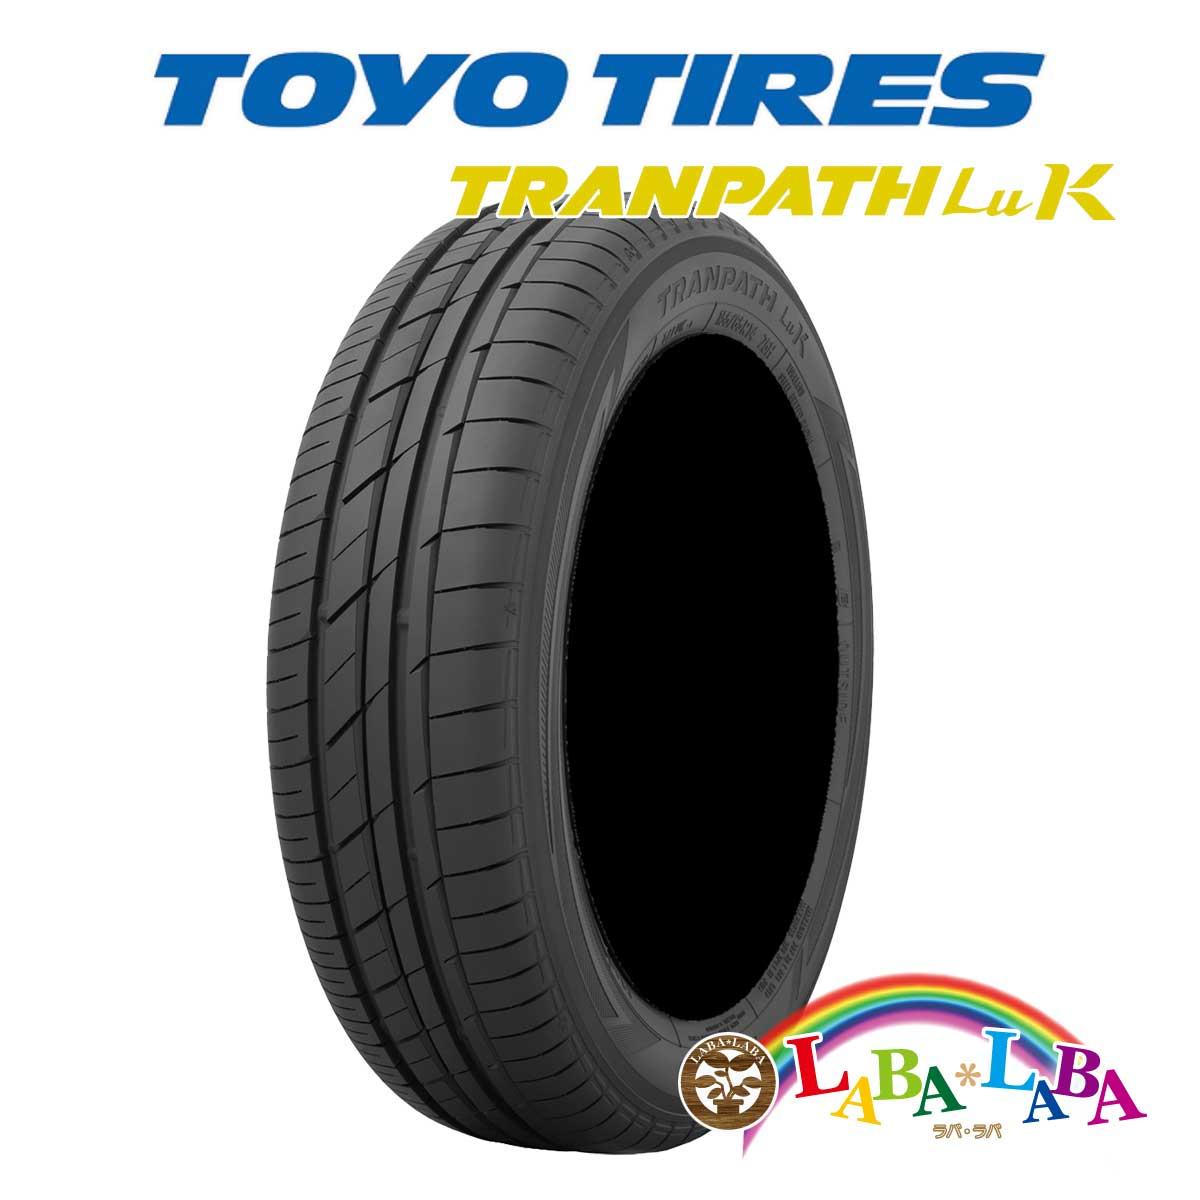 送料無料 国産タイヤ サマータイヤ 新品 タイヤのみ 2本SET 至上 TOYO トーヨー トランパス TRANPATH 60R14 2本セット 165 LuK 75H 卸直営